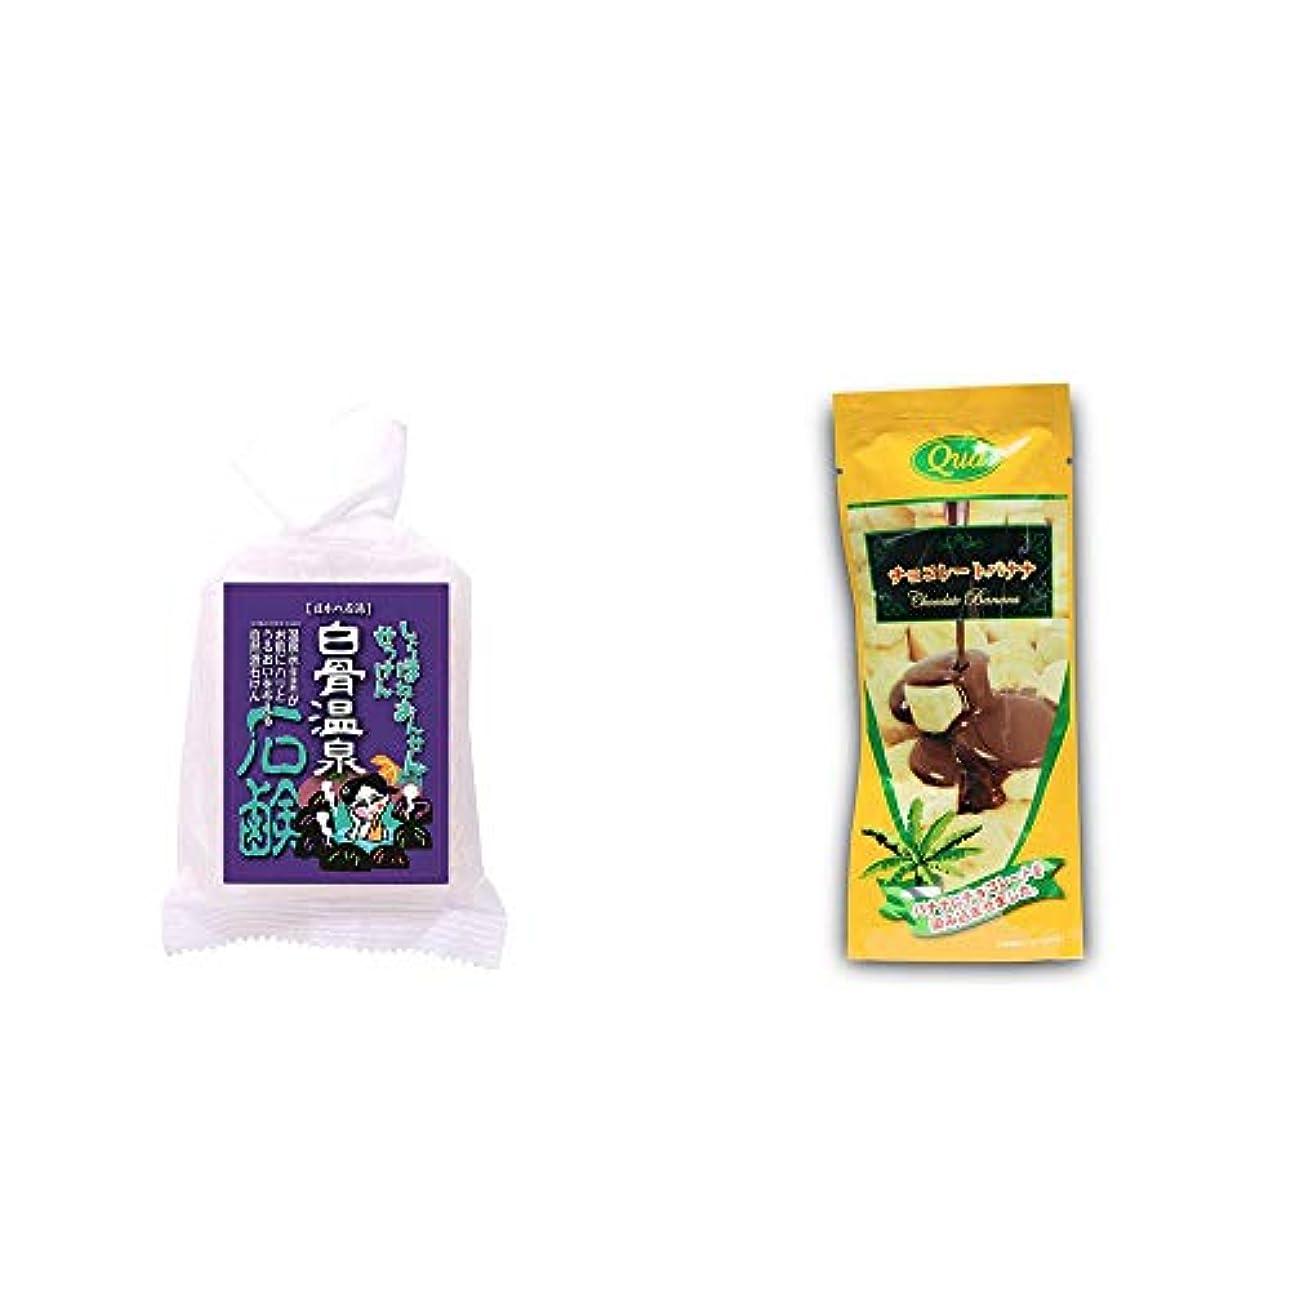 驚きこれらスラッシュ[2点セット] 信州 白骨温泉石鹸(80g)?フリーズドライ チョコレートバナナ(50g)